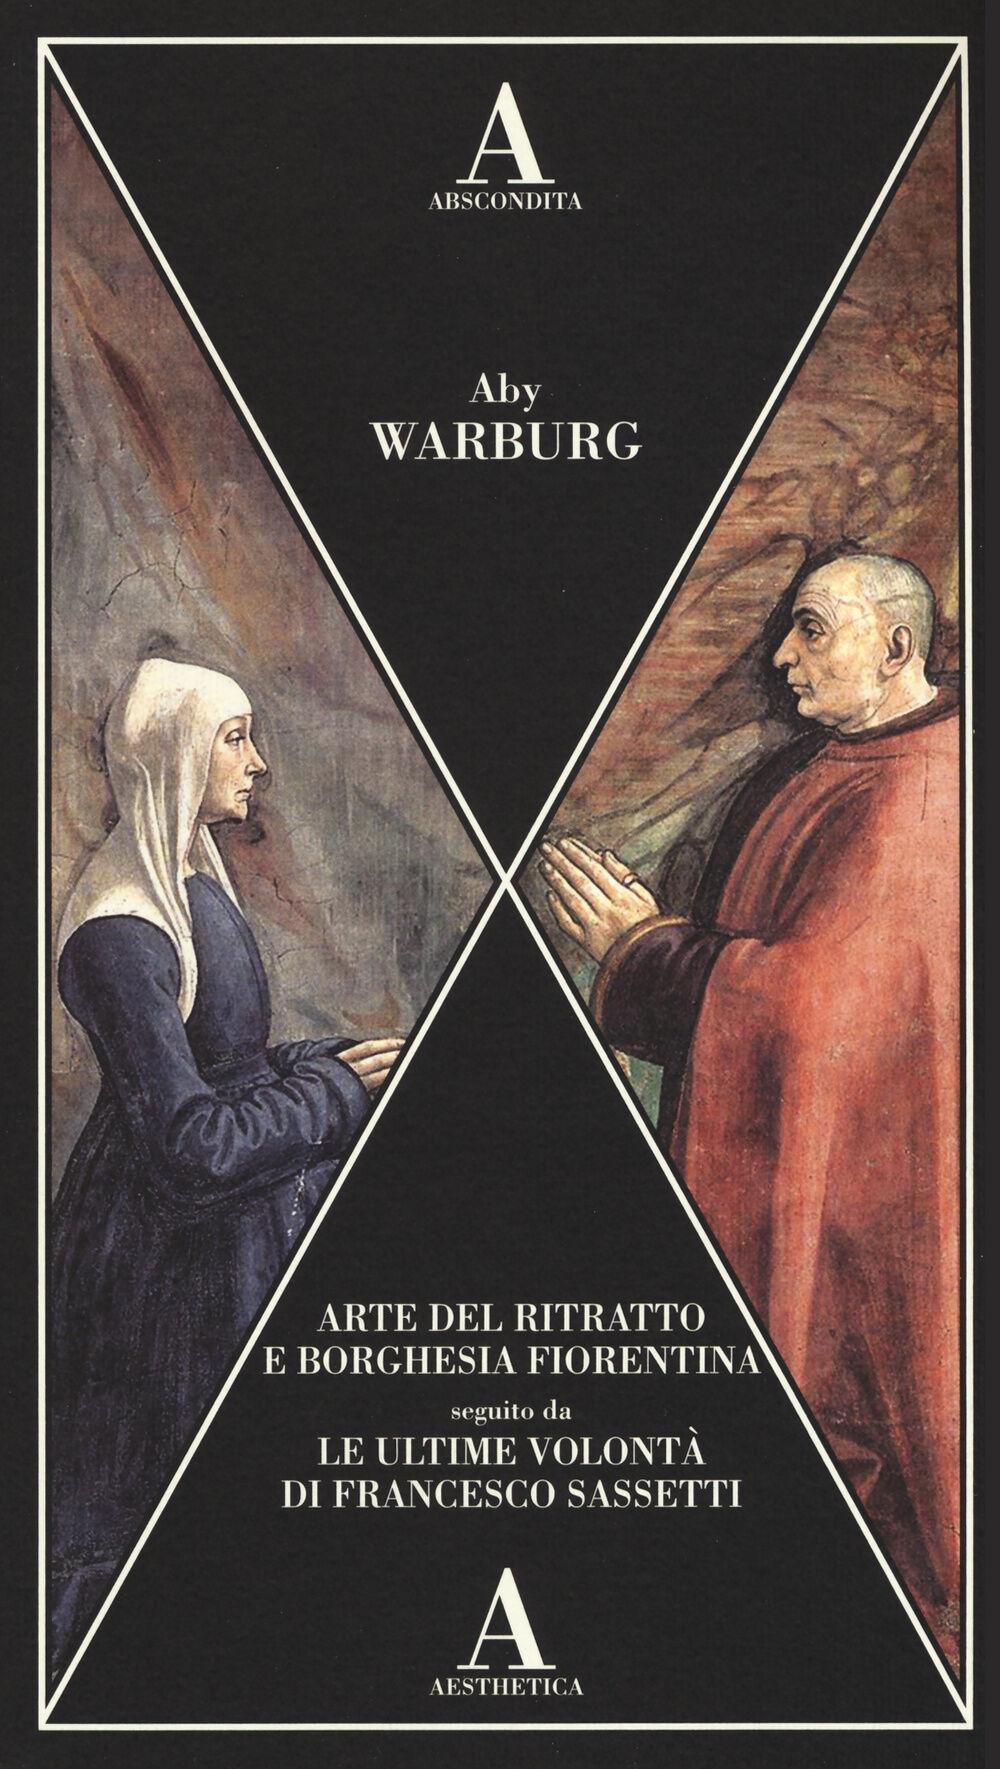 Arte del ritratto e borghesia fiorentina-Le ultime volontà di Francesco Sassetti